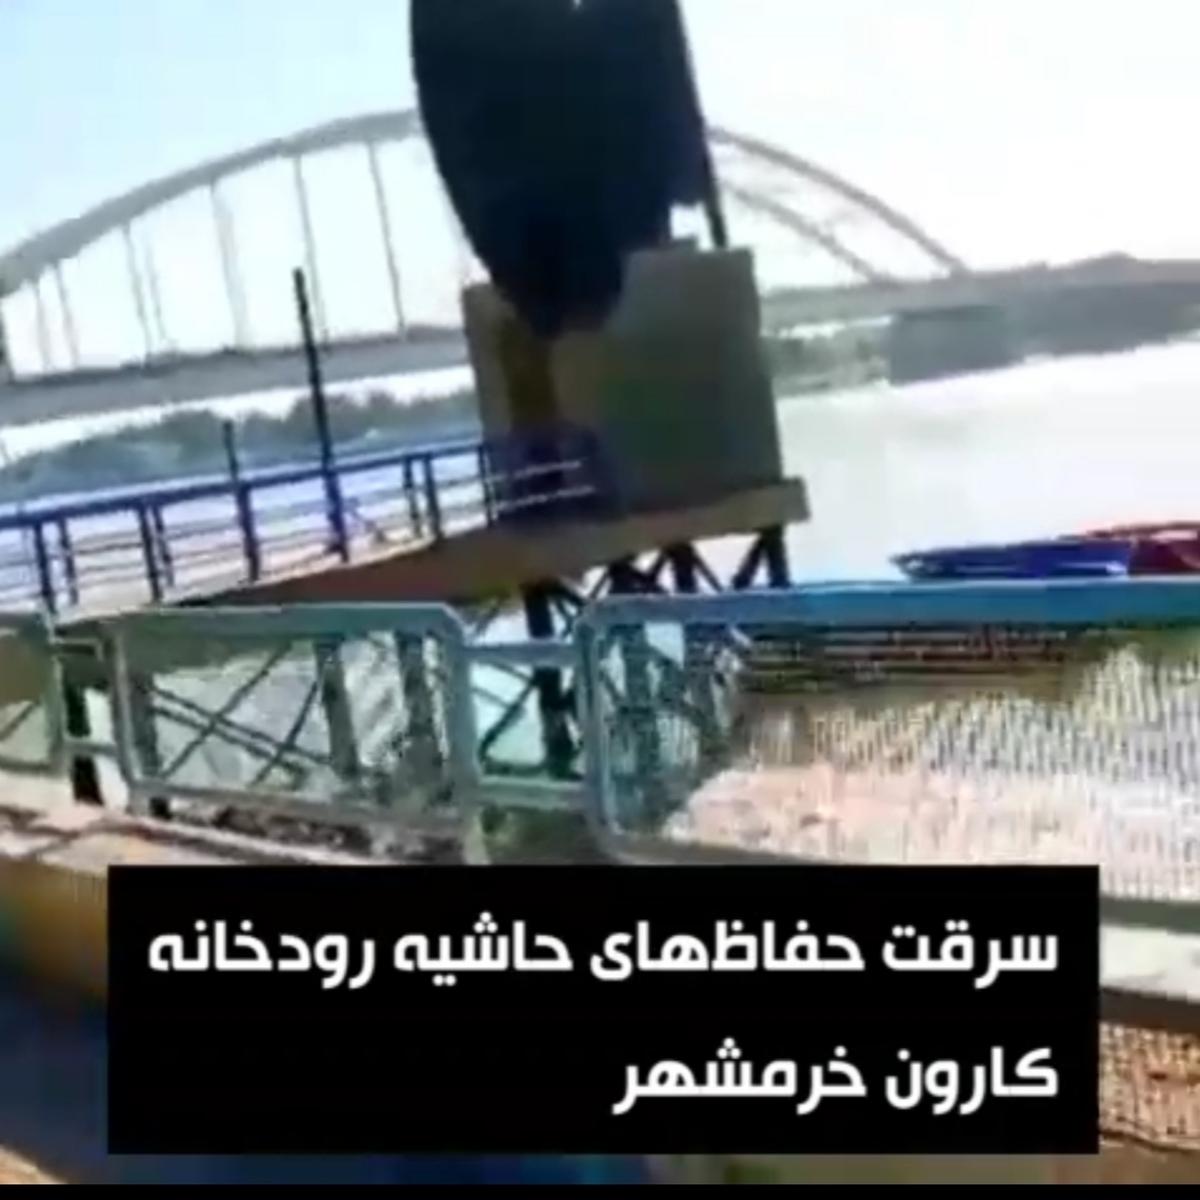 سرقت نردهحفاظهای حاشیه رودخانه کارون خرمشهر + ویدئو